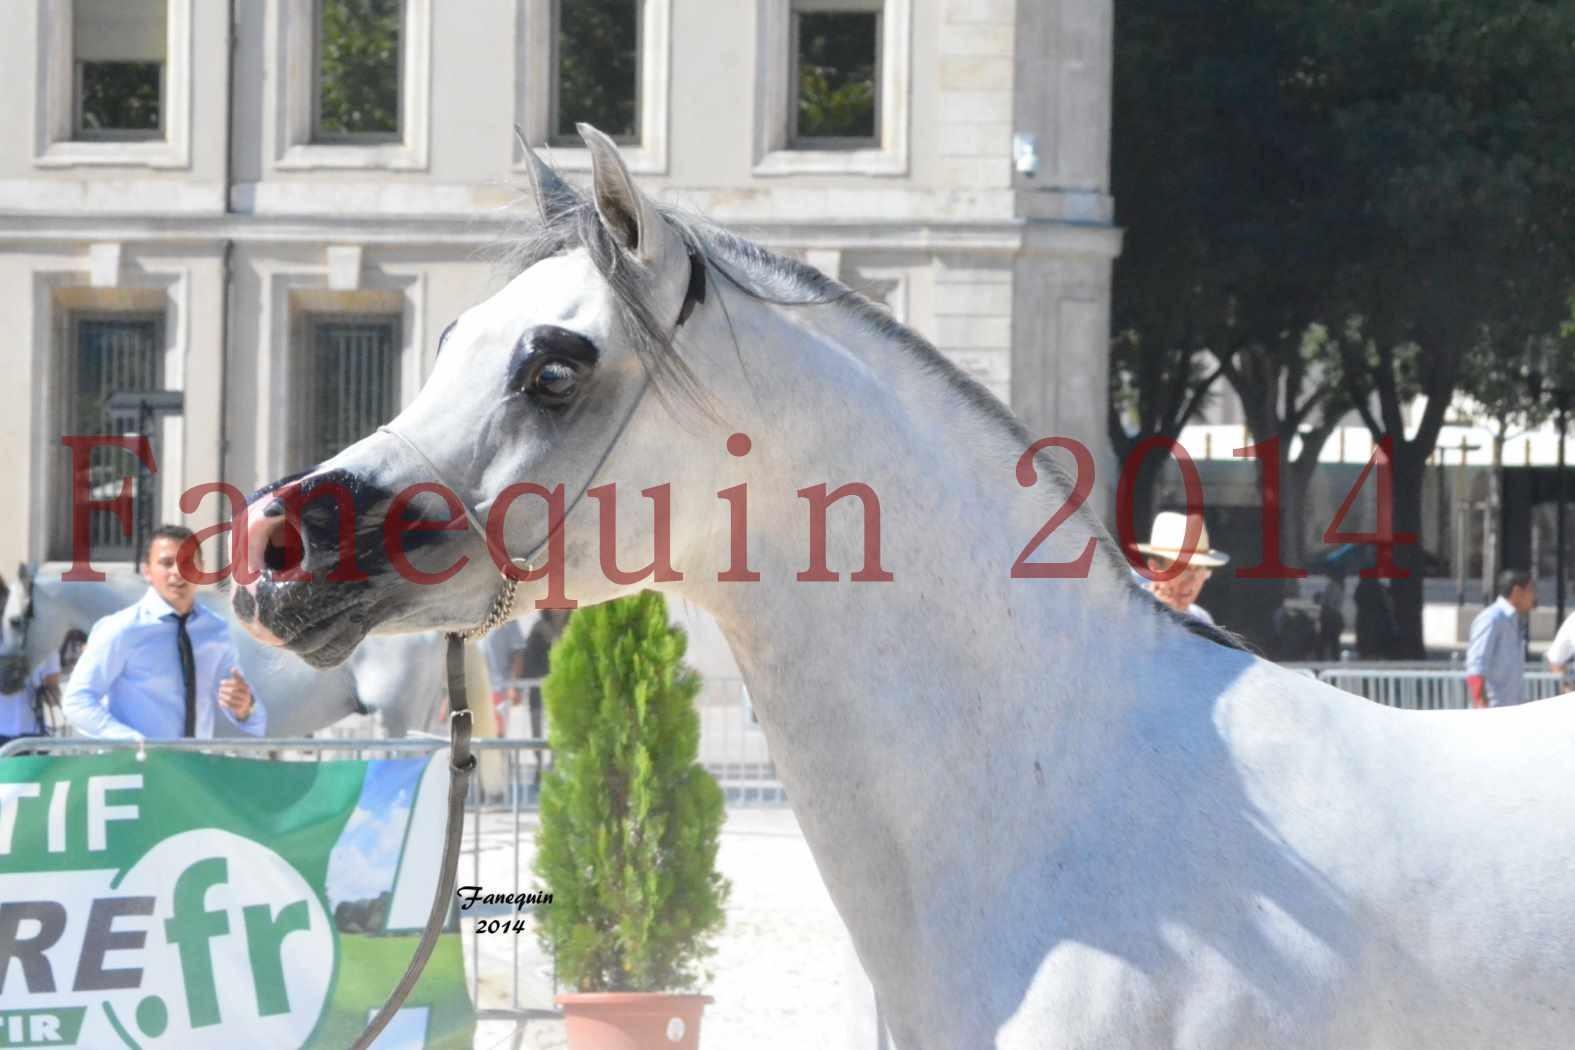 Concours National de Nîmes de chevaux ARABES 2014 - Notre Sélection - Portraits - SHAOLIN DE NEDJAIA - 11